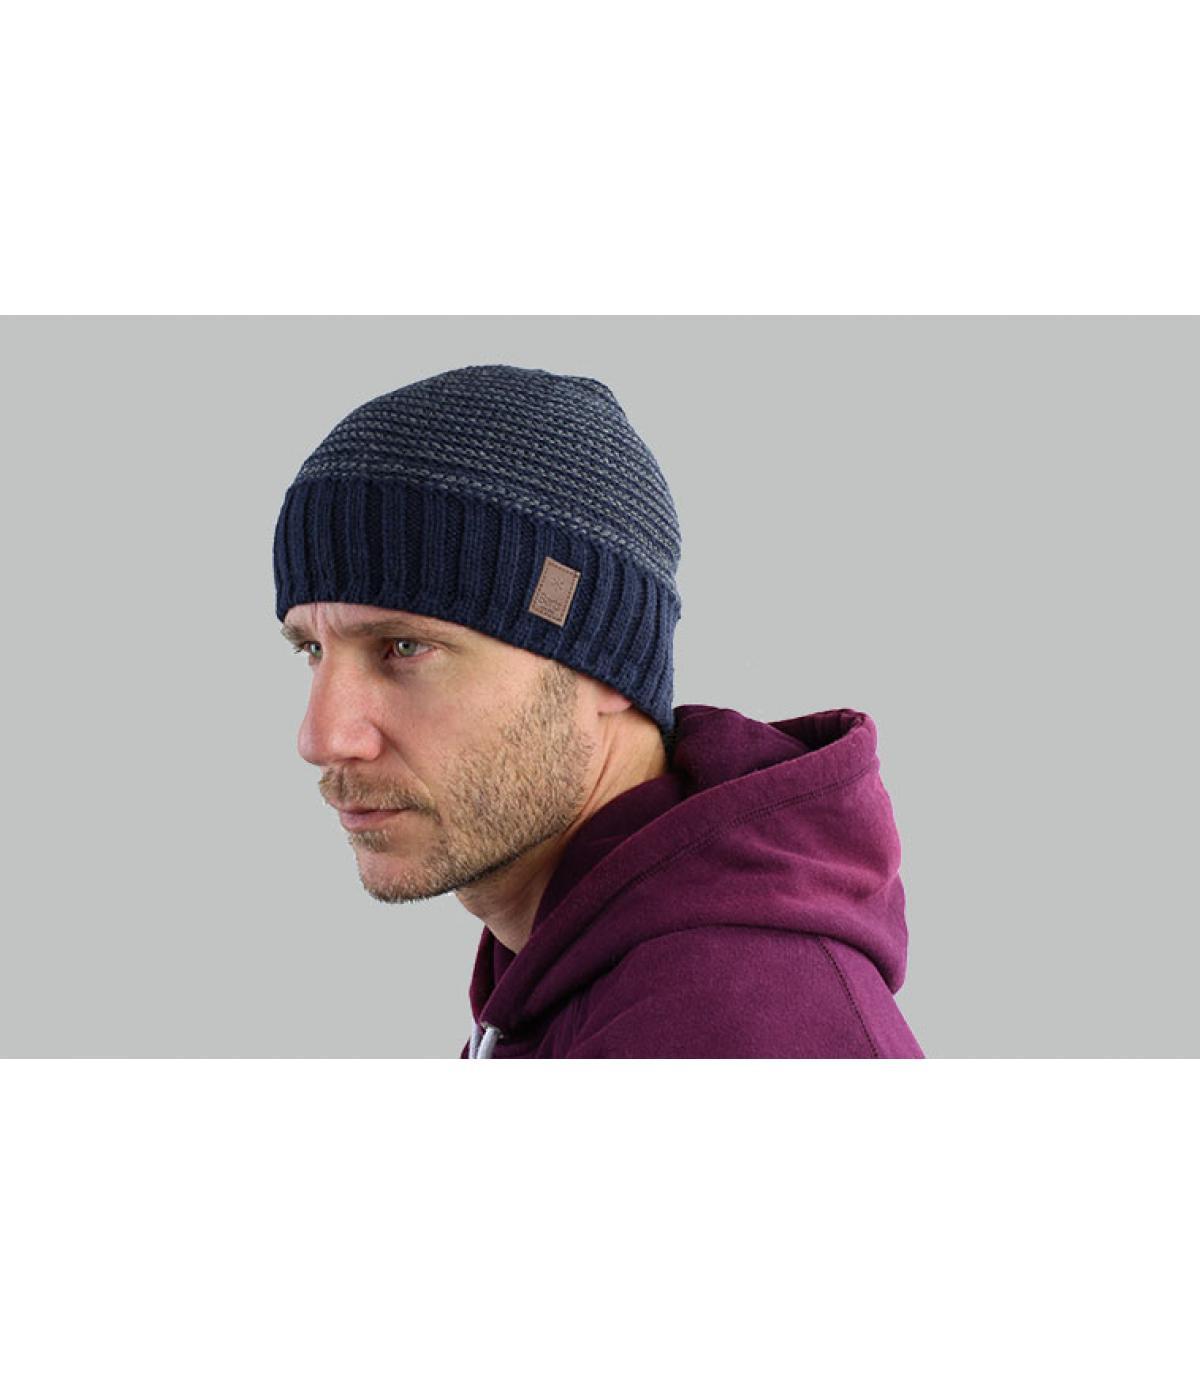 Mütze Streifen blau Barts